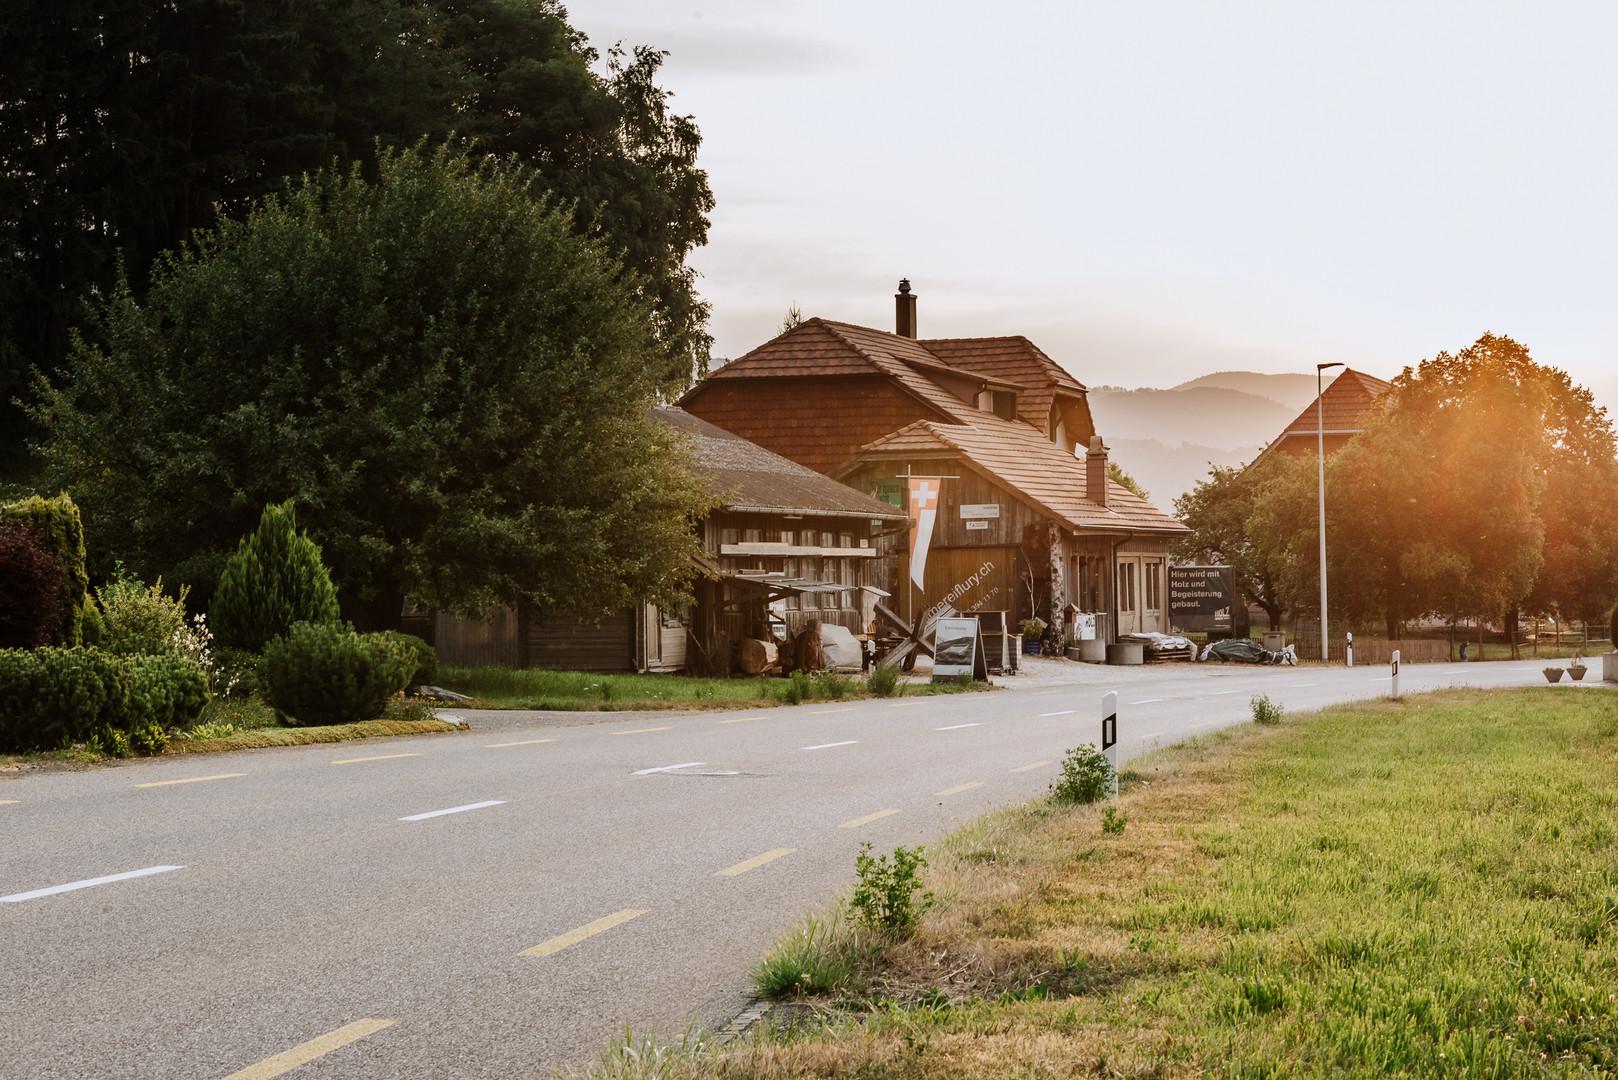 Früh beginnt das Tagwerk an der Thalstrasse 36 in Matzendorf.